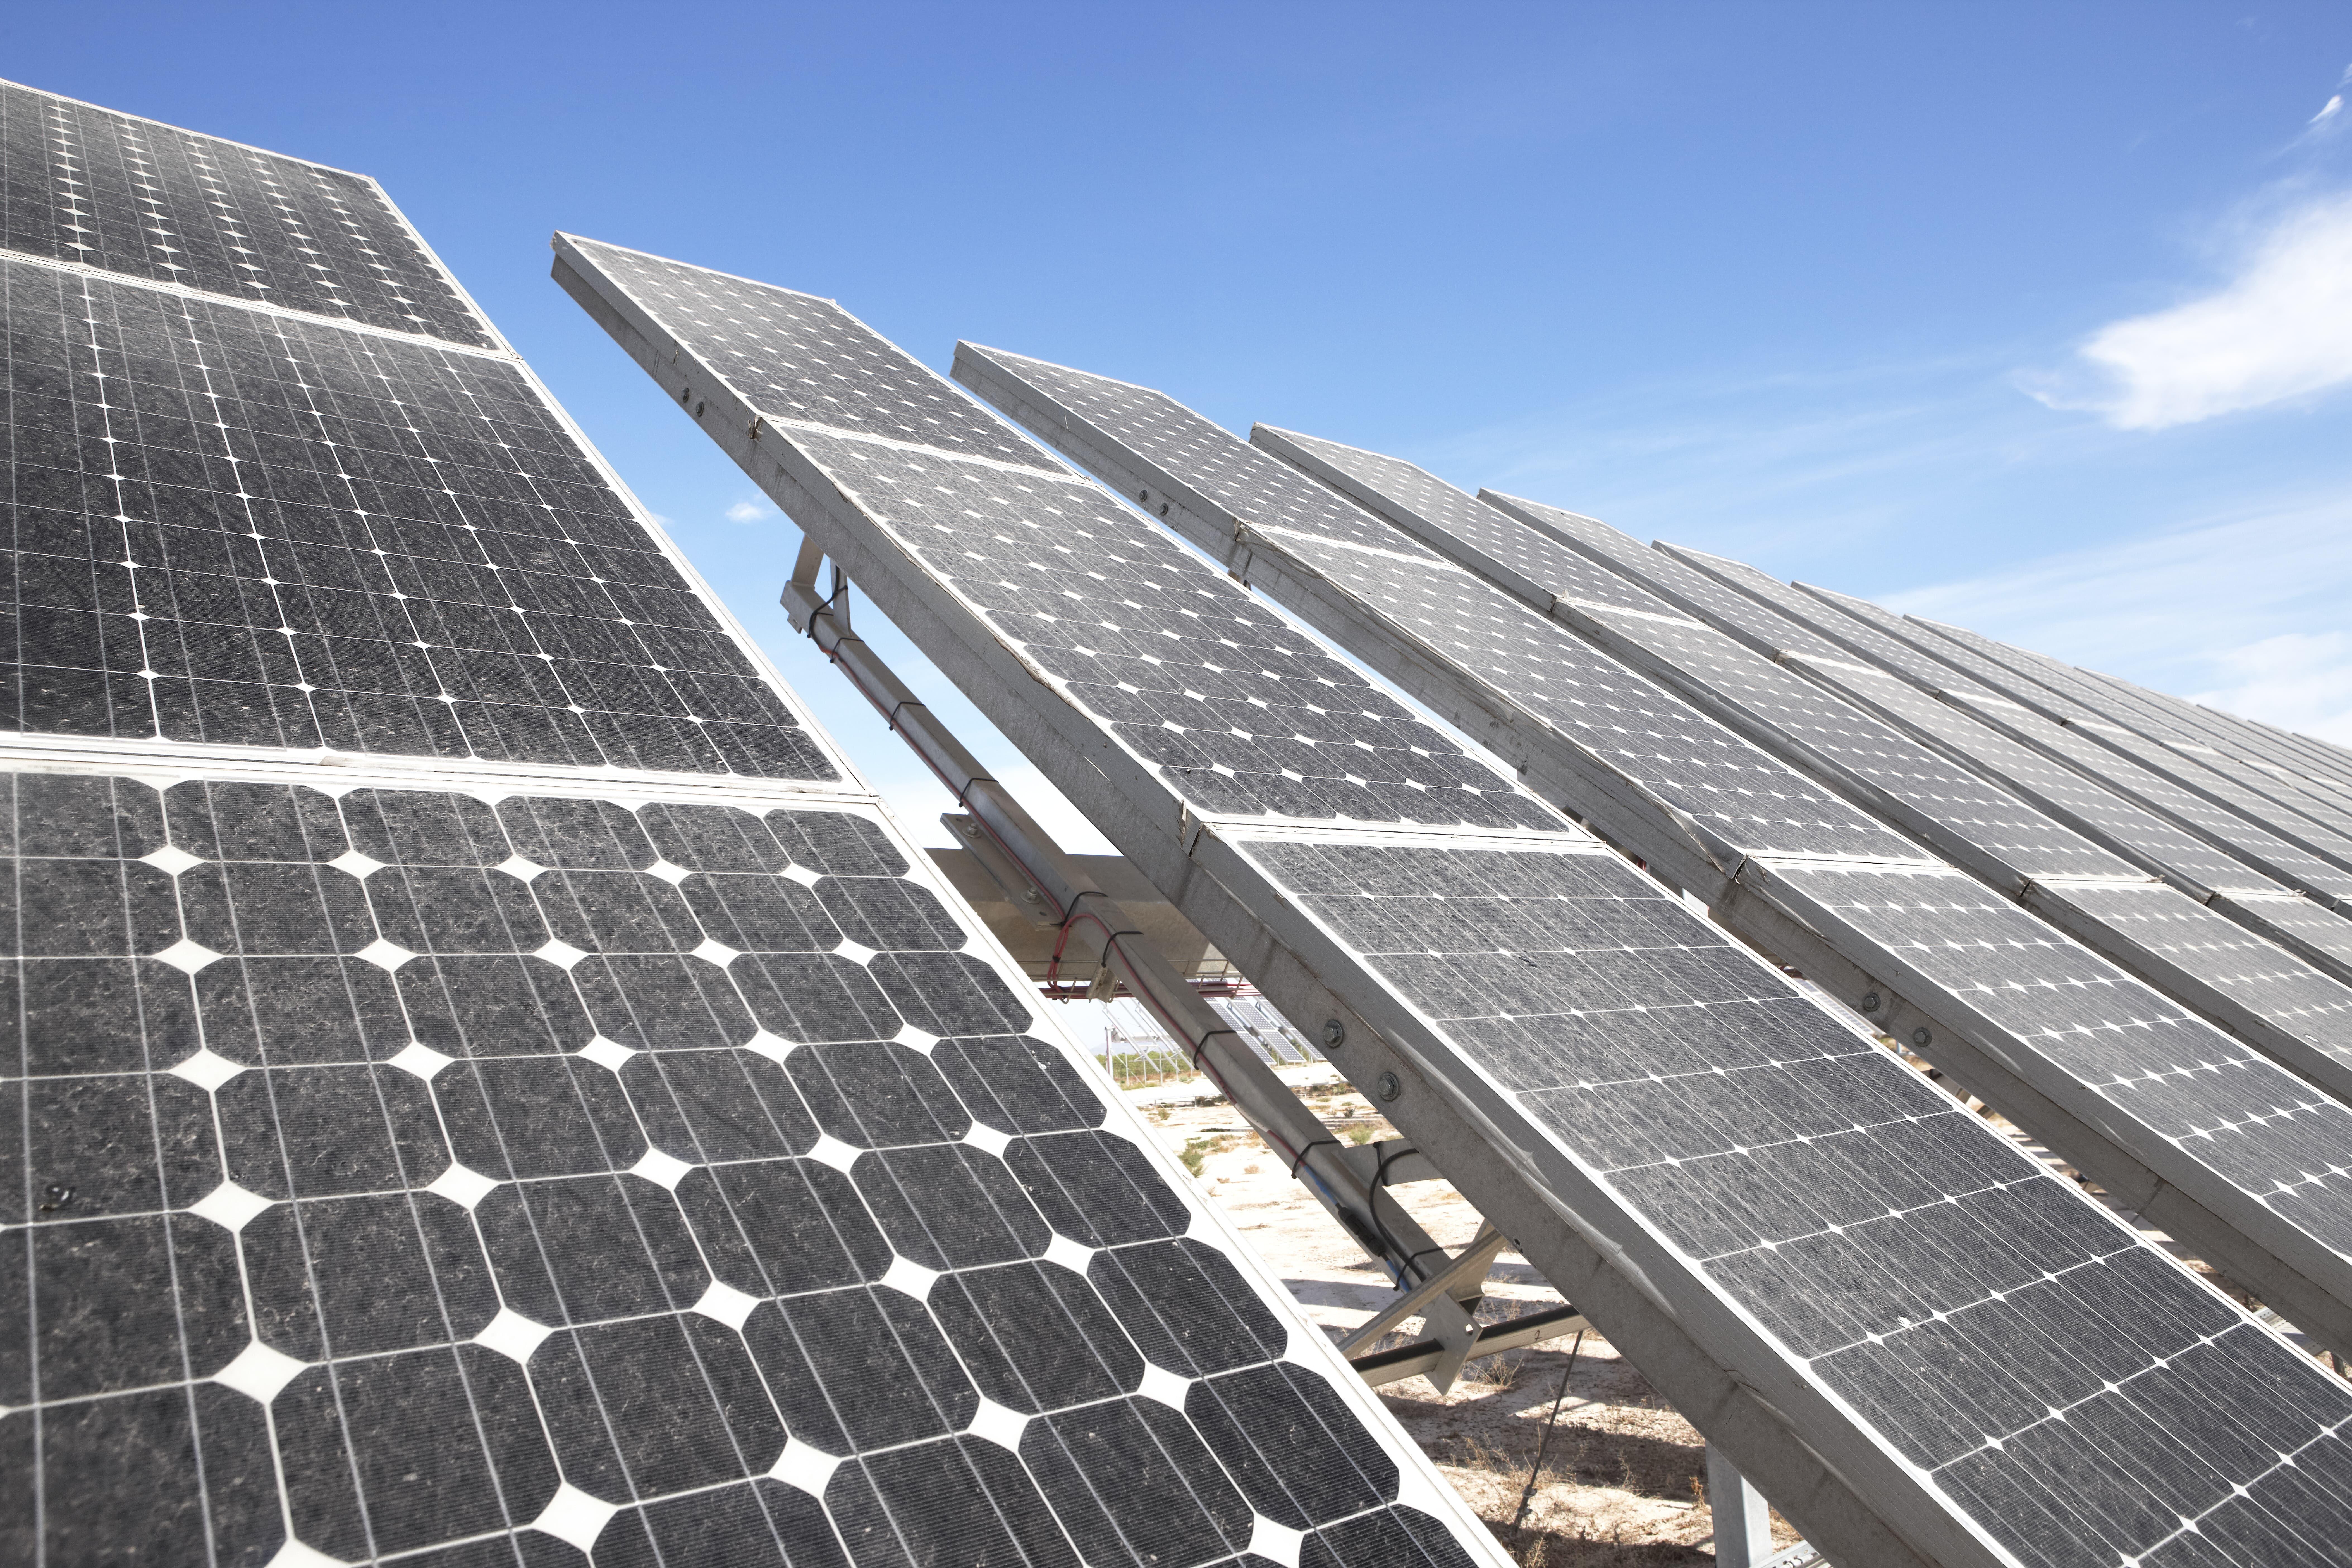 ABB tar hem solkraftorder i Italien värd 50 miljoner dollar